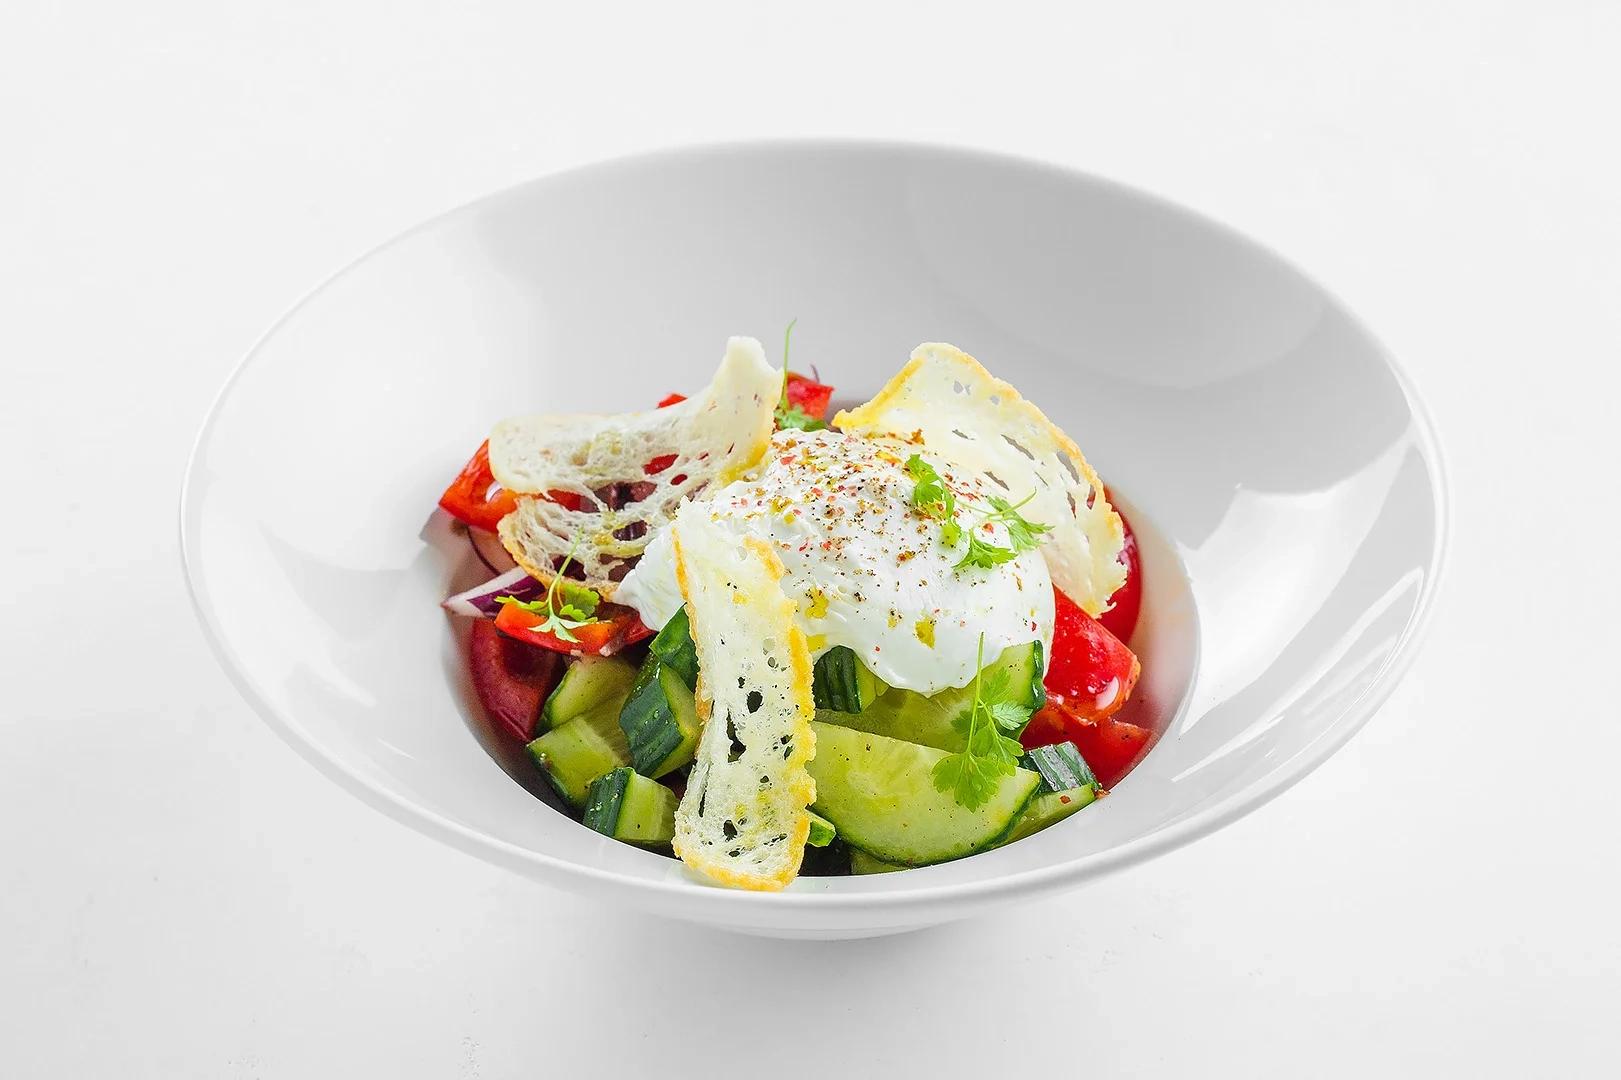 Греческий салат с воздушным муссом из подкопченной брынзы